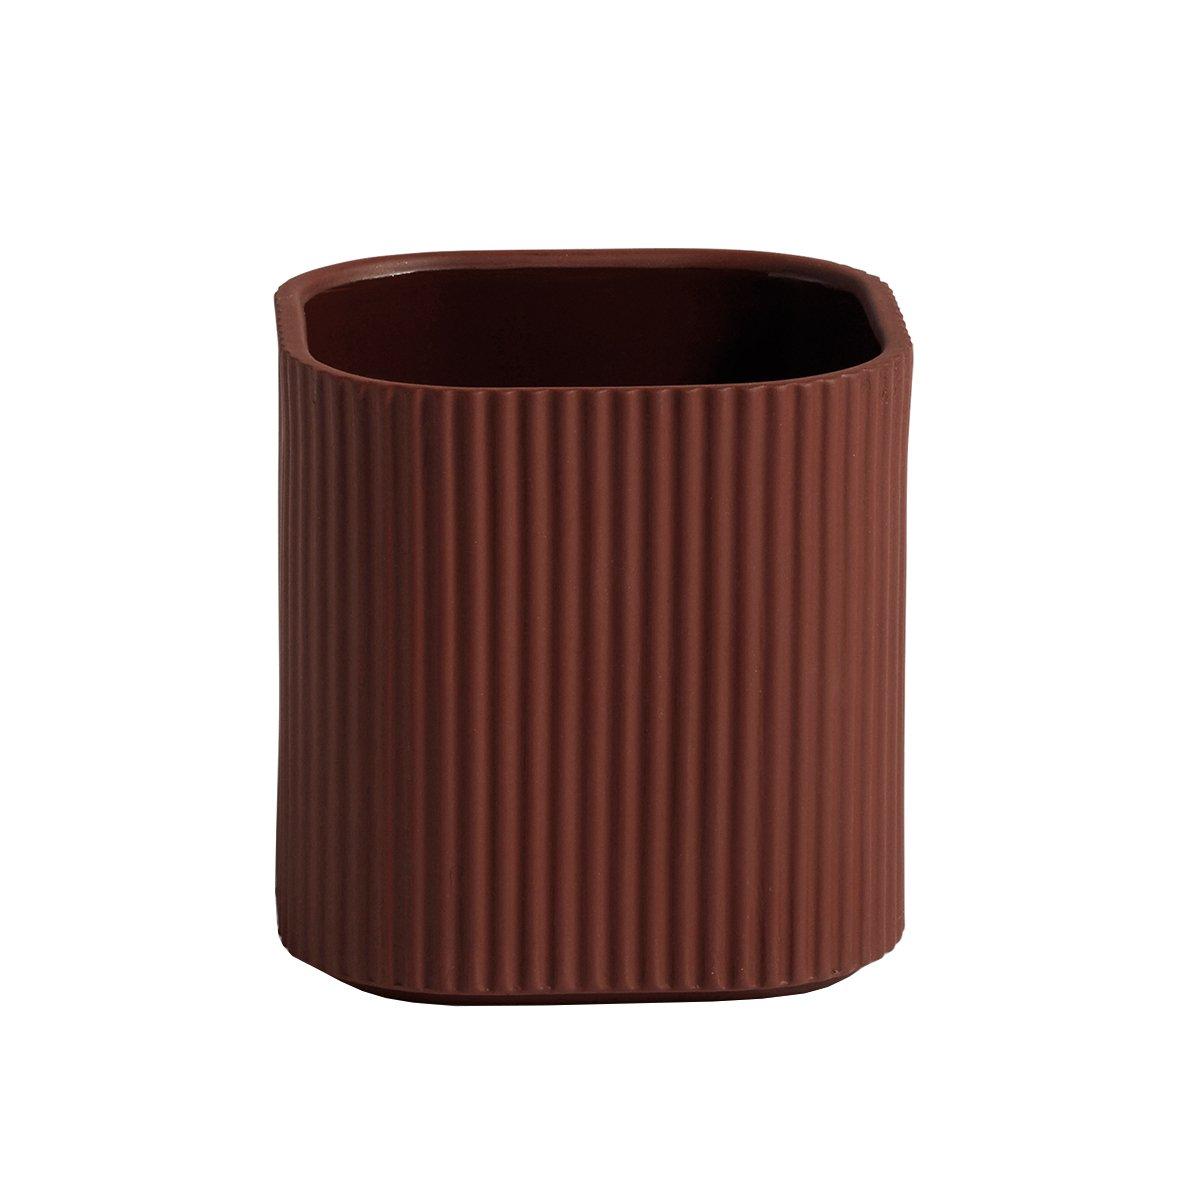 HAY Facade Pot - Small